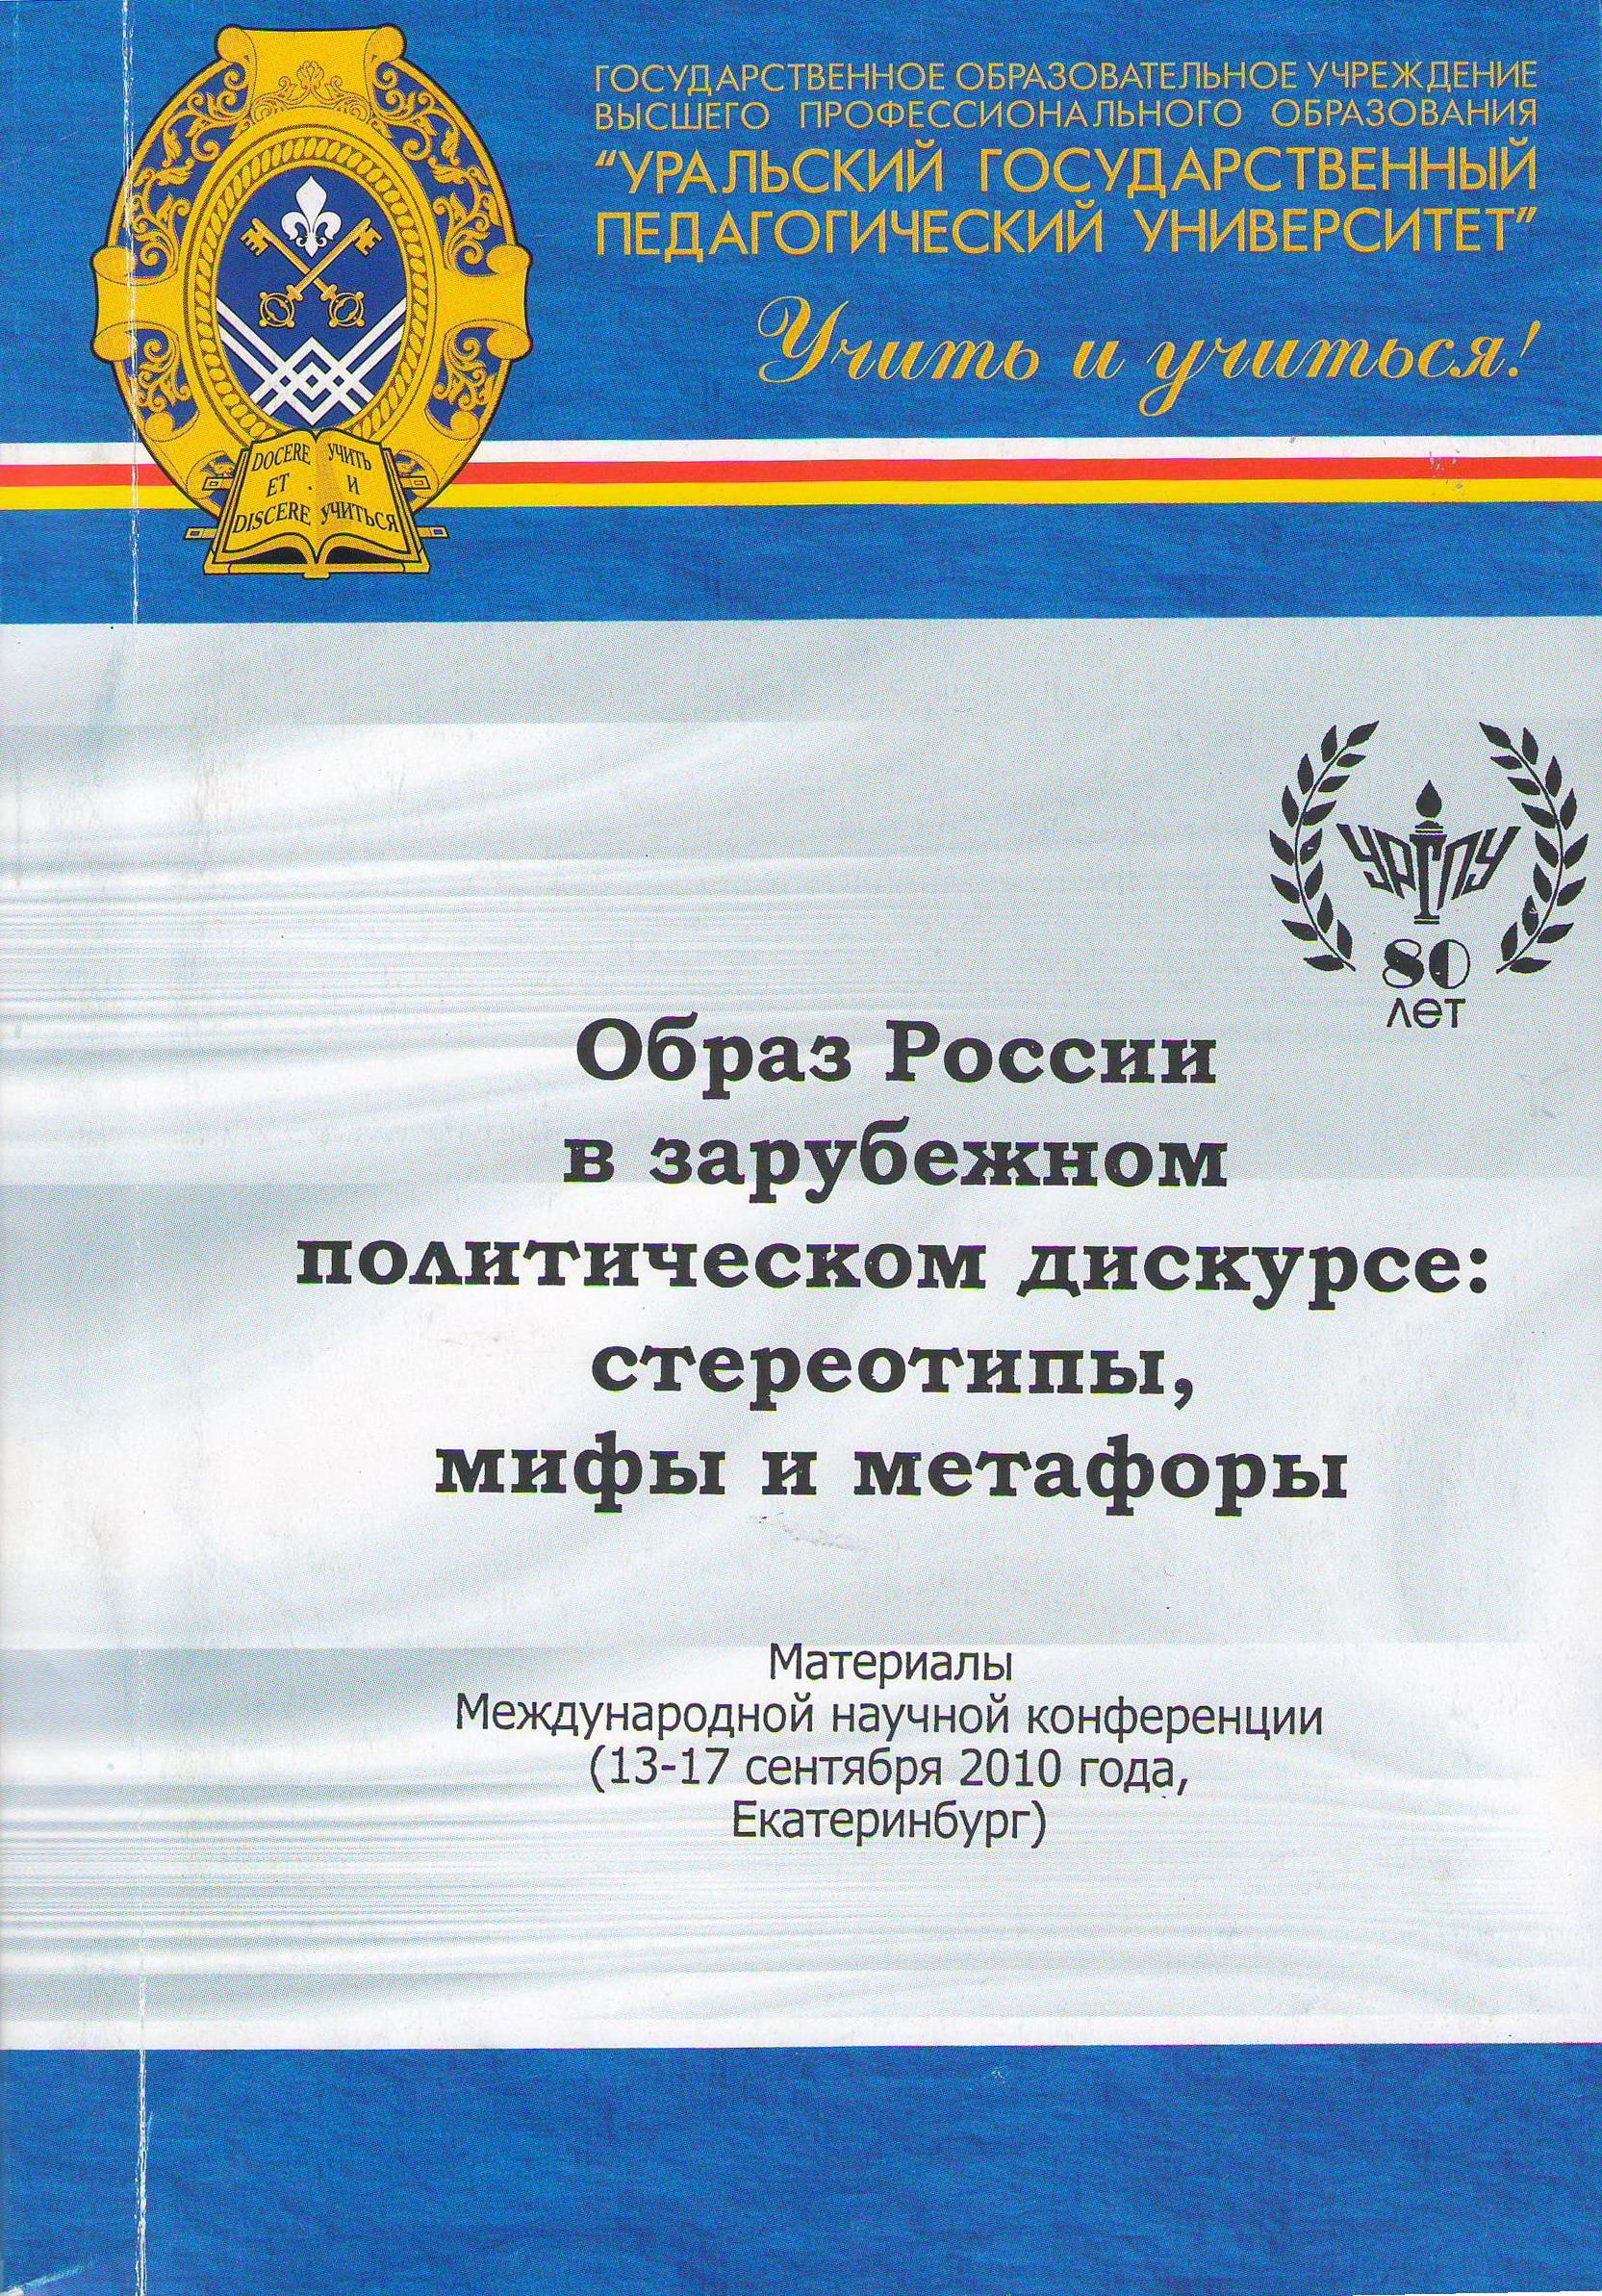 Образ России в общественно-политическом дискурсе В. Познера: «западник» или «славянофил»?